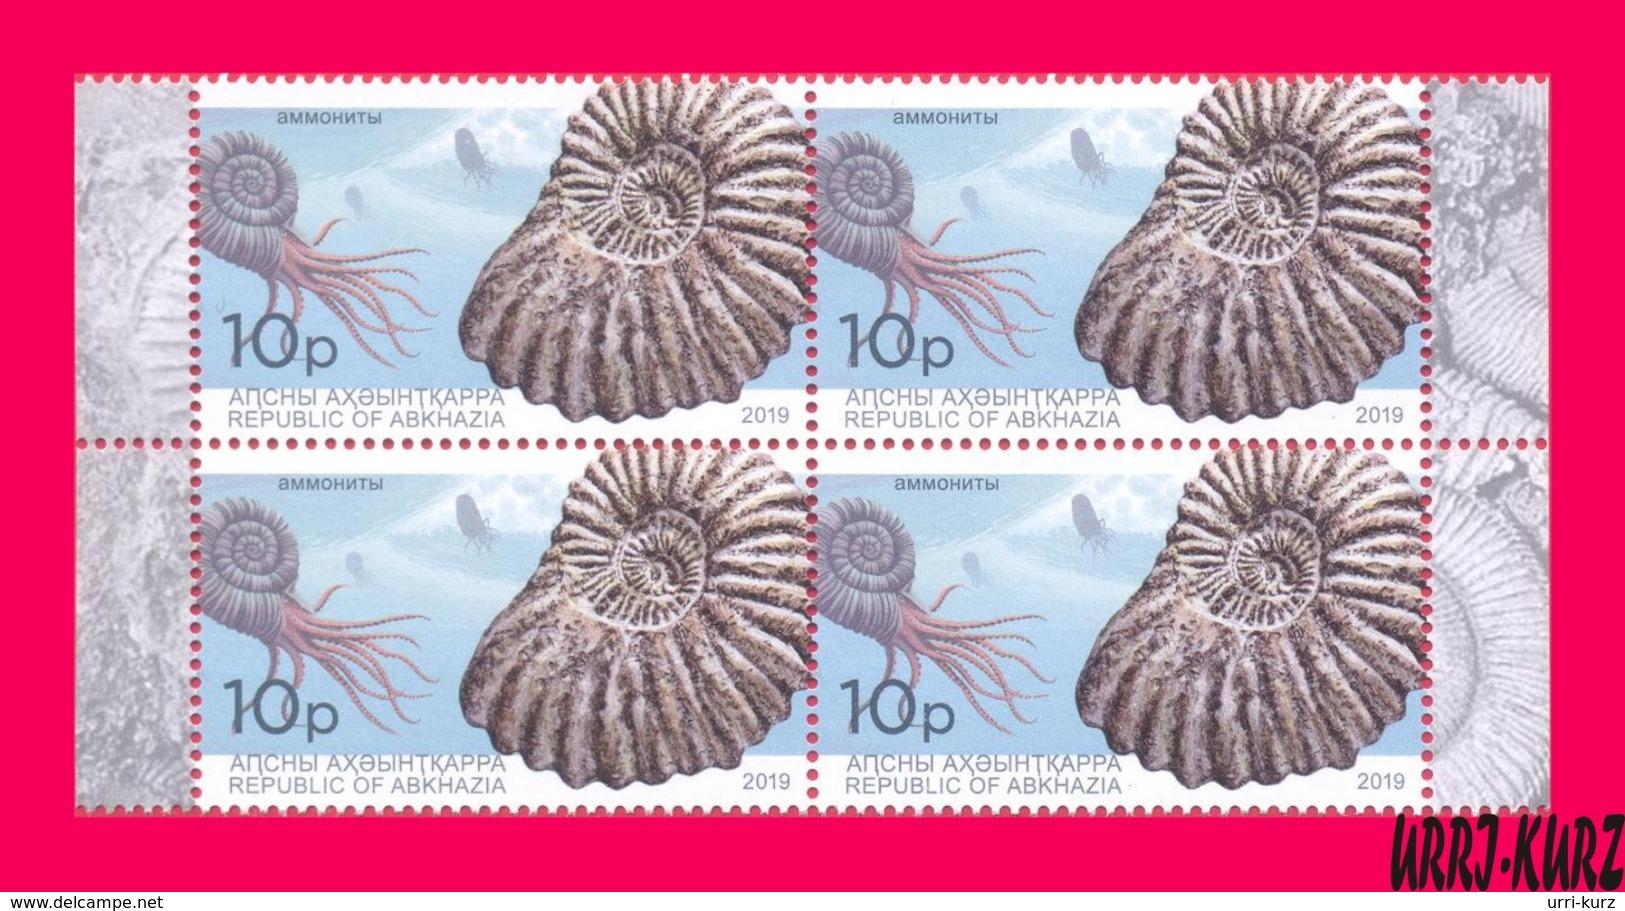 ABKHAZIA 2019 Fauna Marine Shell Fossils Extinct Cephalopods Ammonites Archaeology Block Of 4v MNH - Marine Life